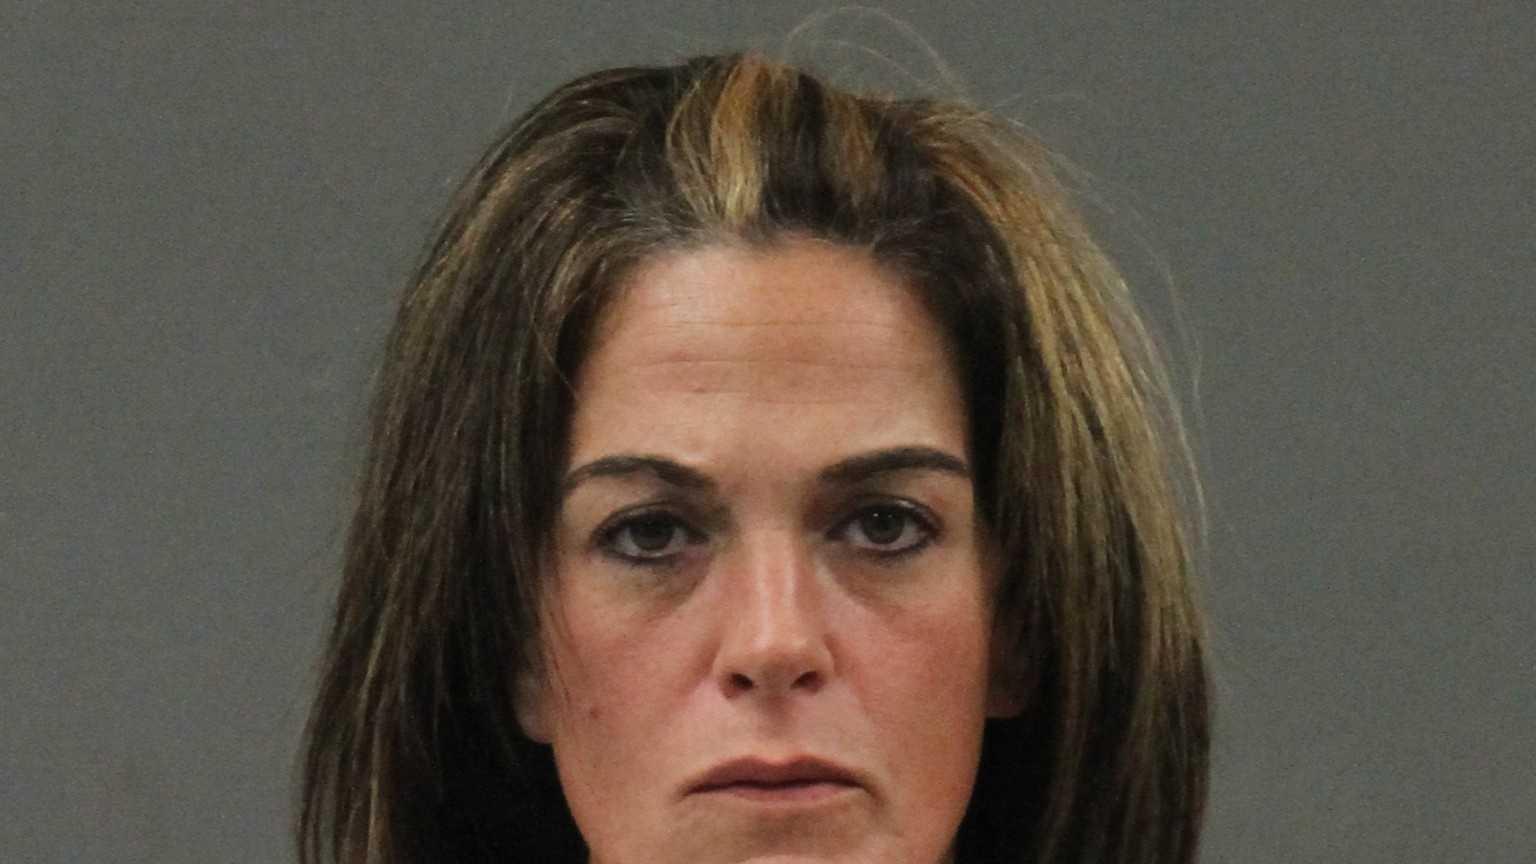 Sarah Bryant Yarmouth Shoplifting 122113